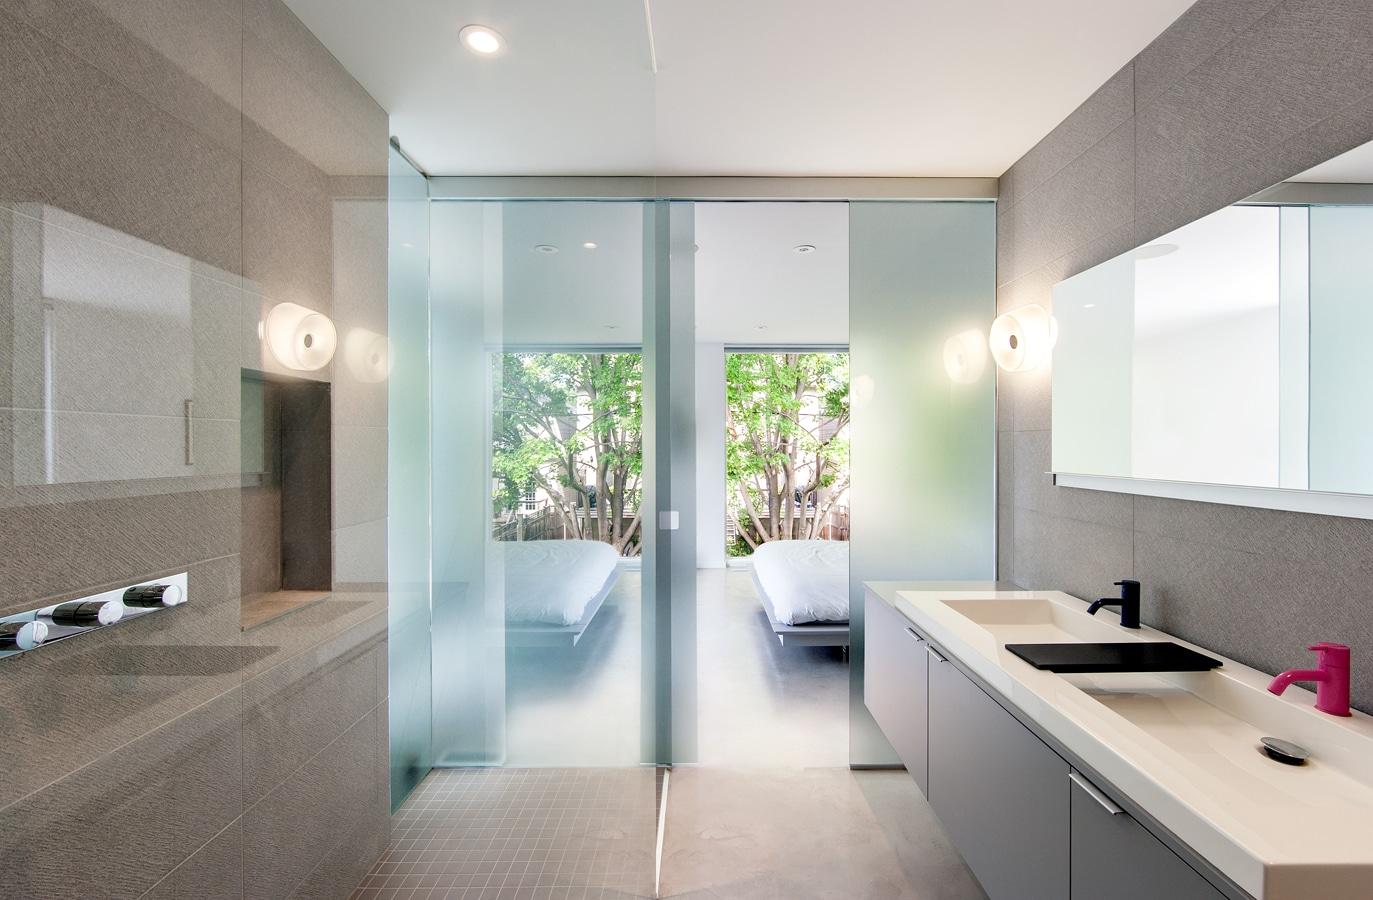 Baños Modernos Grises:Cuarto de baño moderno de color gris